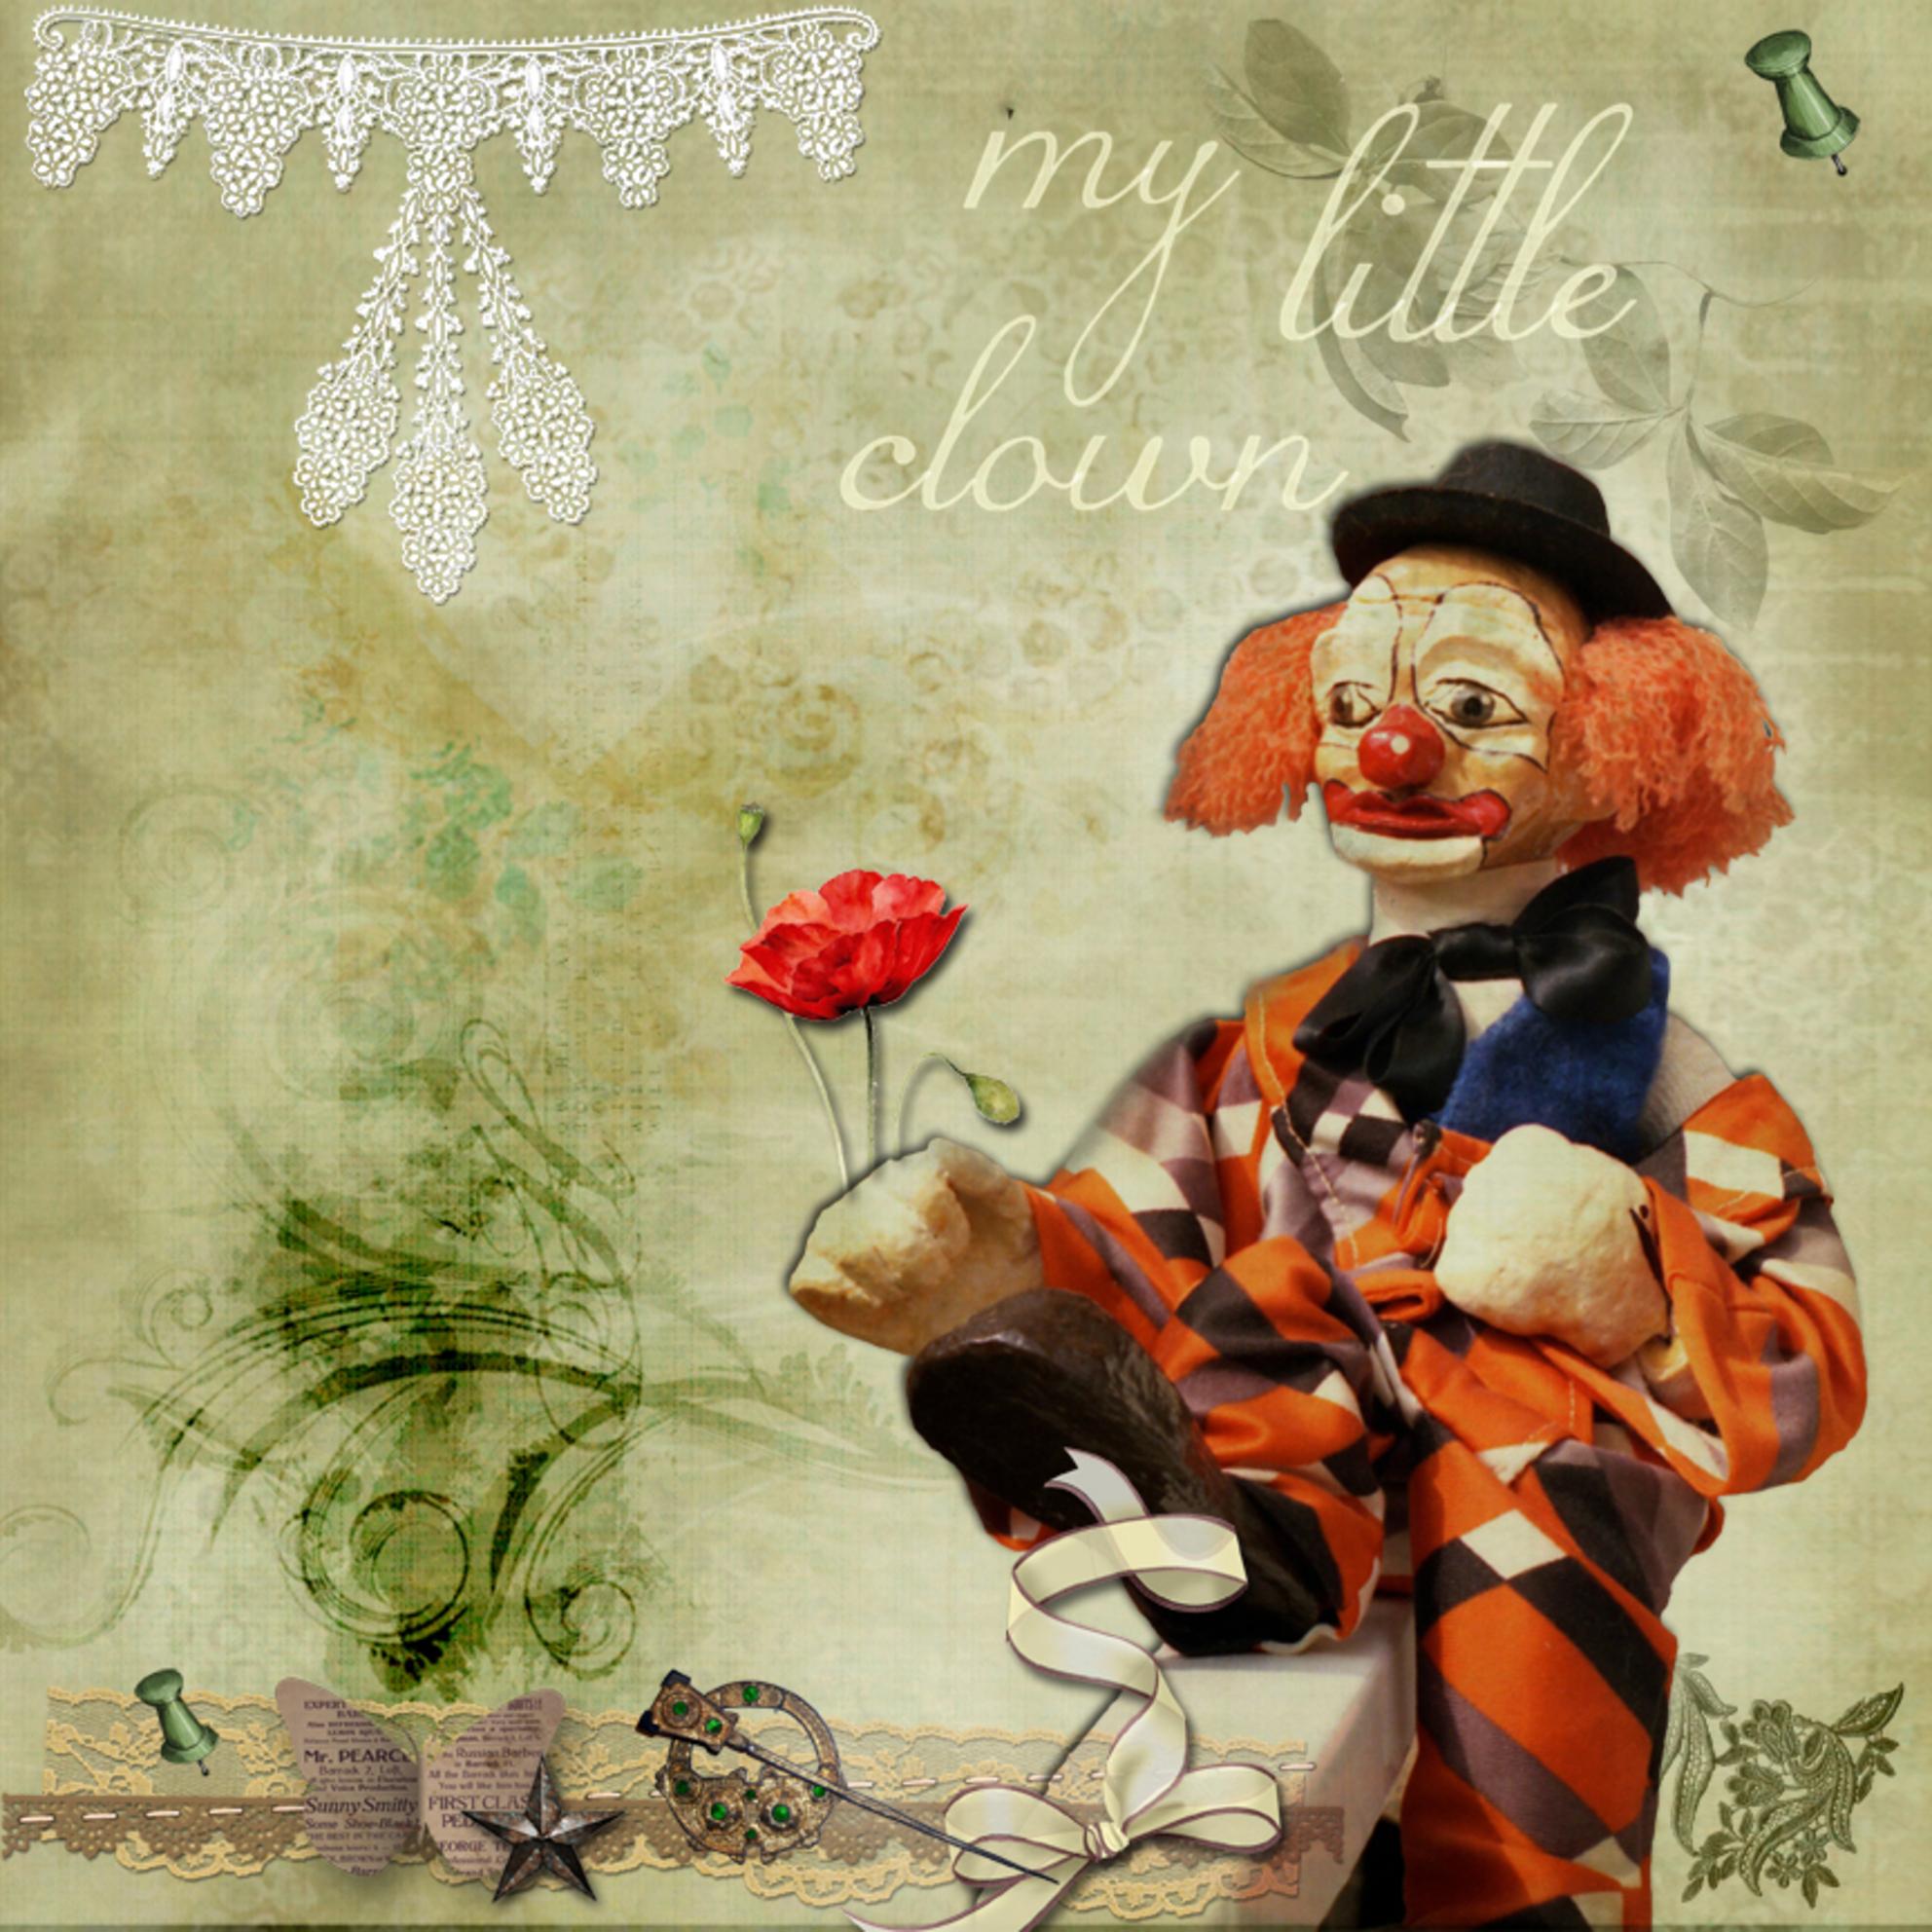 Mijn eigen clown - Jaren geleden (minsten 25 jaar) heb ik deze clown gemaakt, en hij zat altijd in de woonkamer. Maar om een gegeven moment vond mijn Bouvier Runa het t - foto door wimida-wil op 02-02-2014 - deze foto bevat: kleuren, bewerking, clown